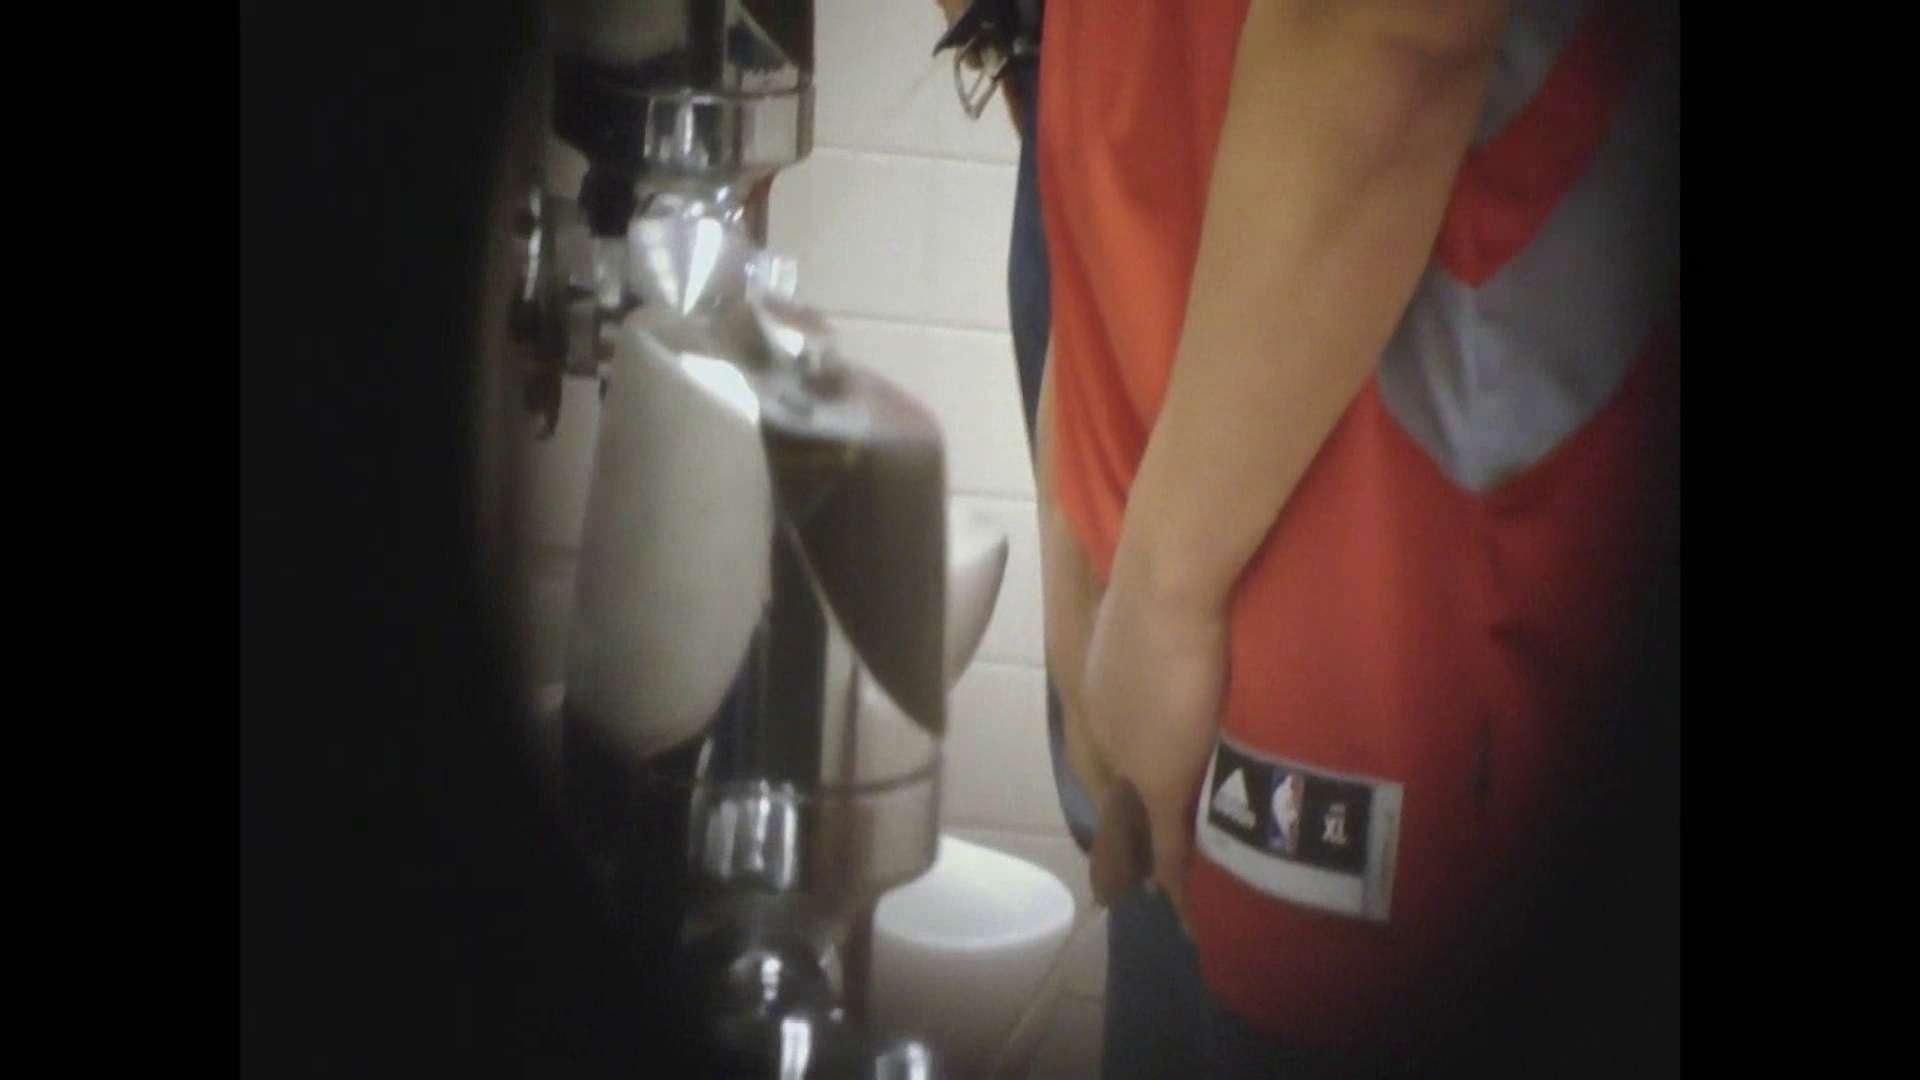 イケメンの素顔in洗面所 Vol.04 ノンケボーイズ | イケメンのsex  66pic 21